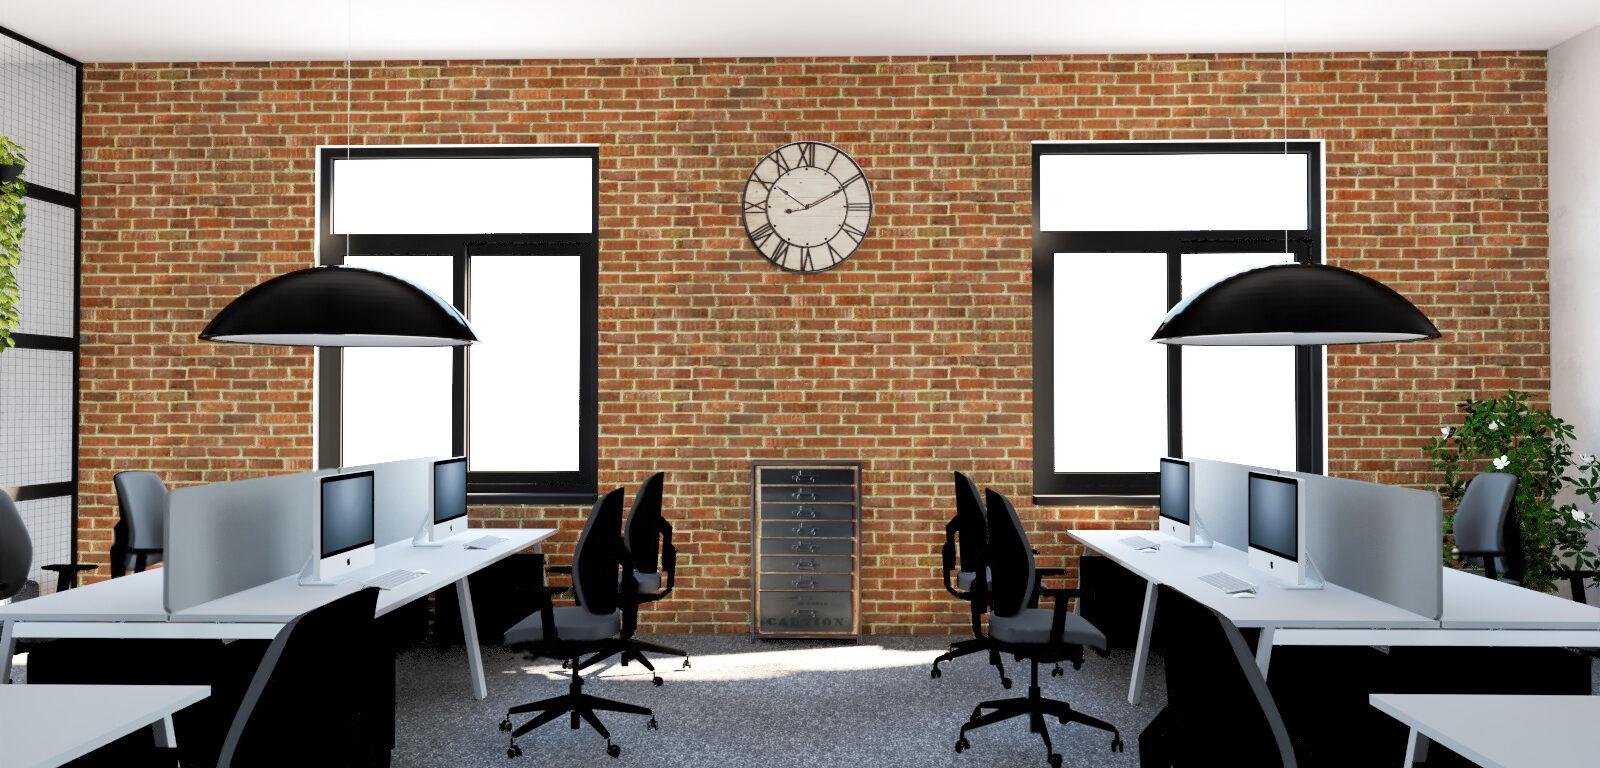 dacon-design-architekt-wroclaw-aranzacja-wnetrz-projekty-biura-przestrzeniebiurowe-komercyjne